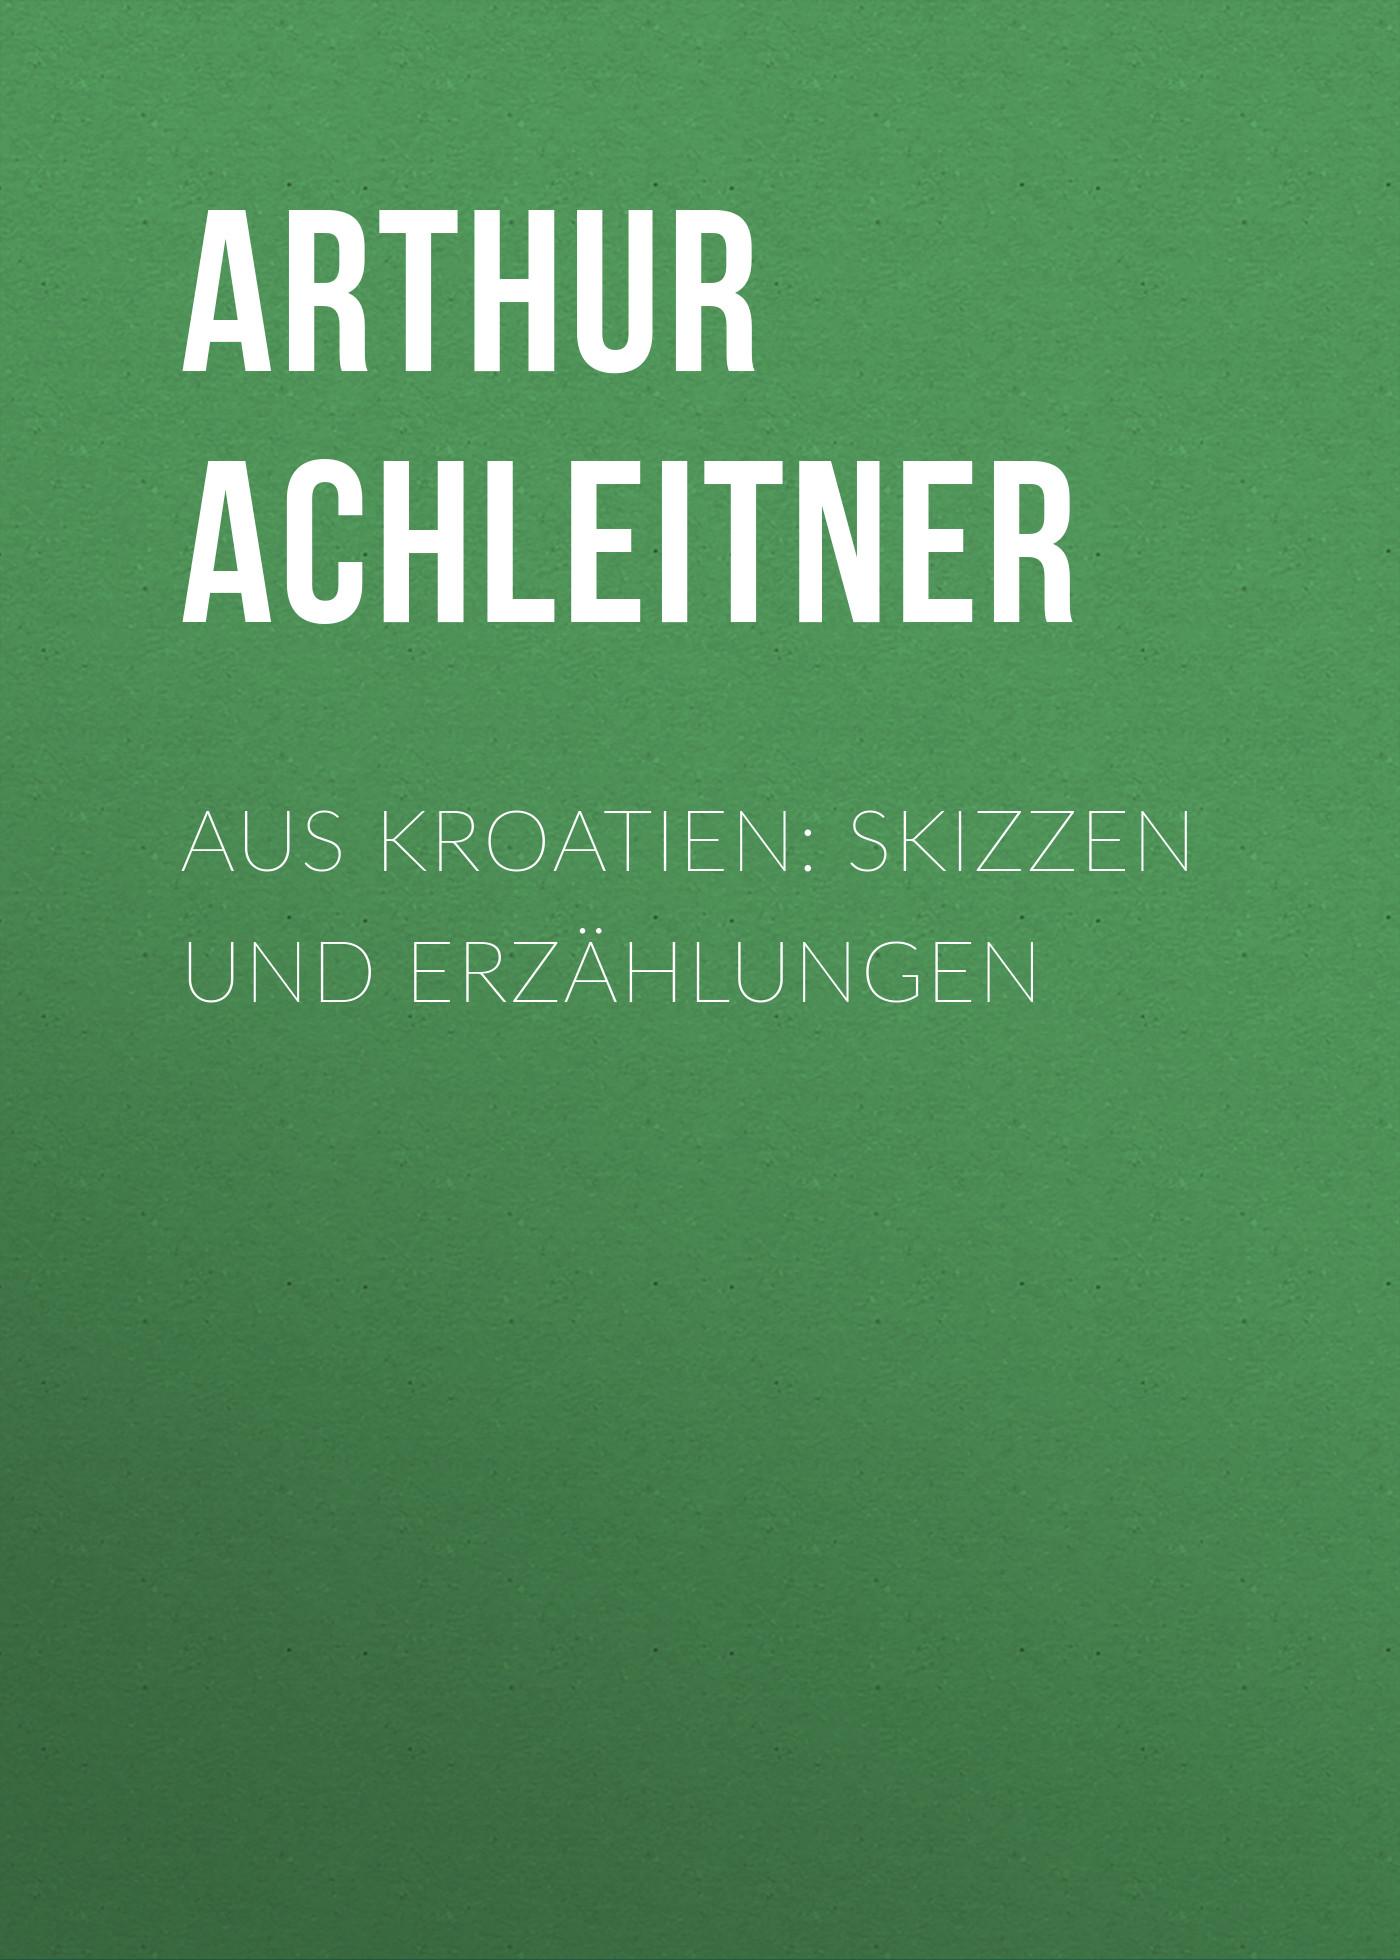 Arthur Achleitner Aus Kroatien: Skizzen und Erzählungen klabund erotische erzählungen